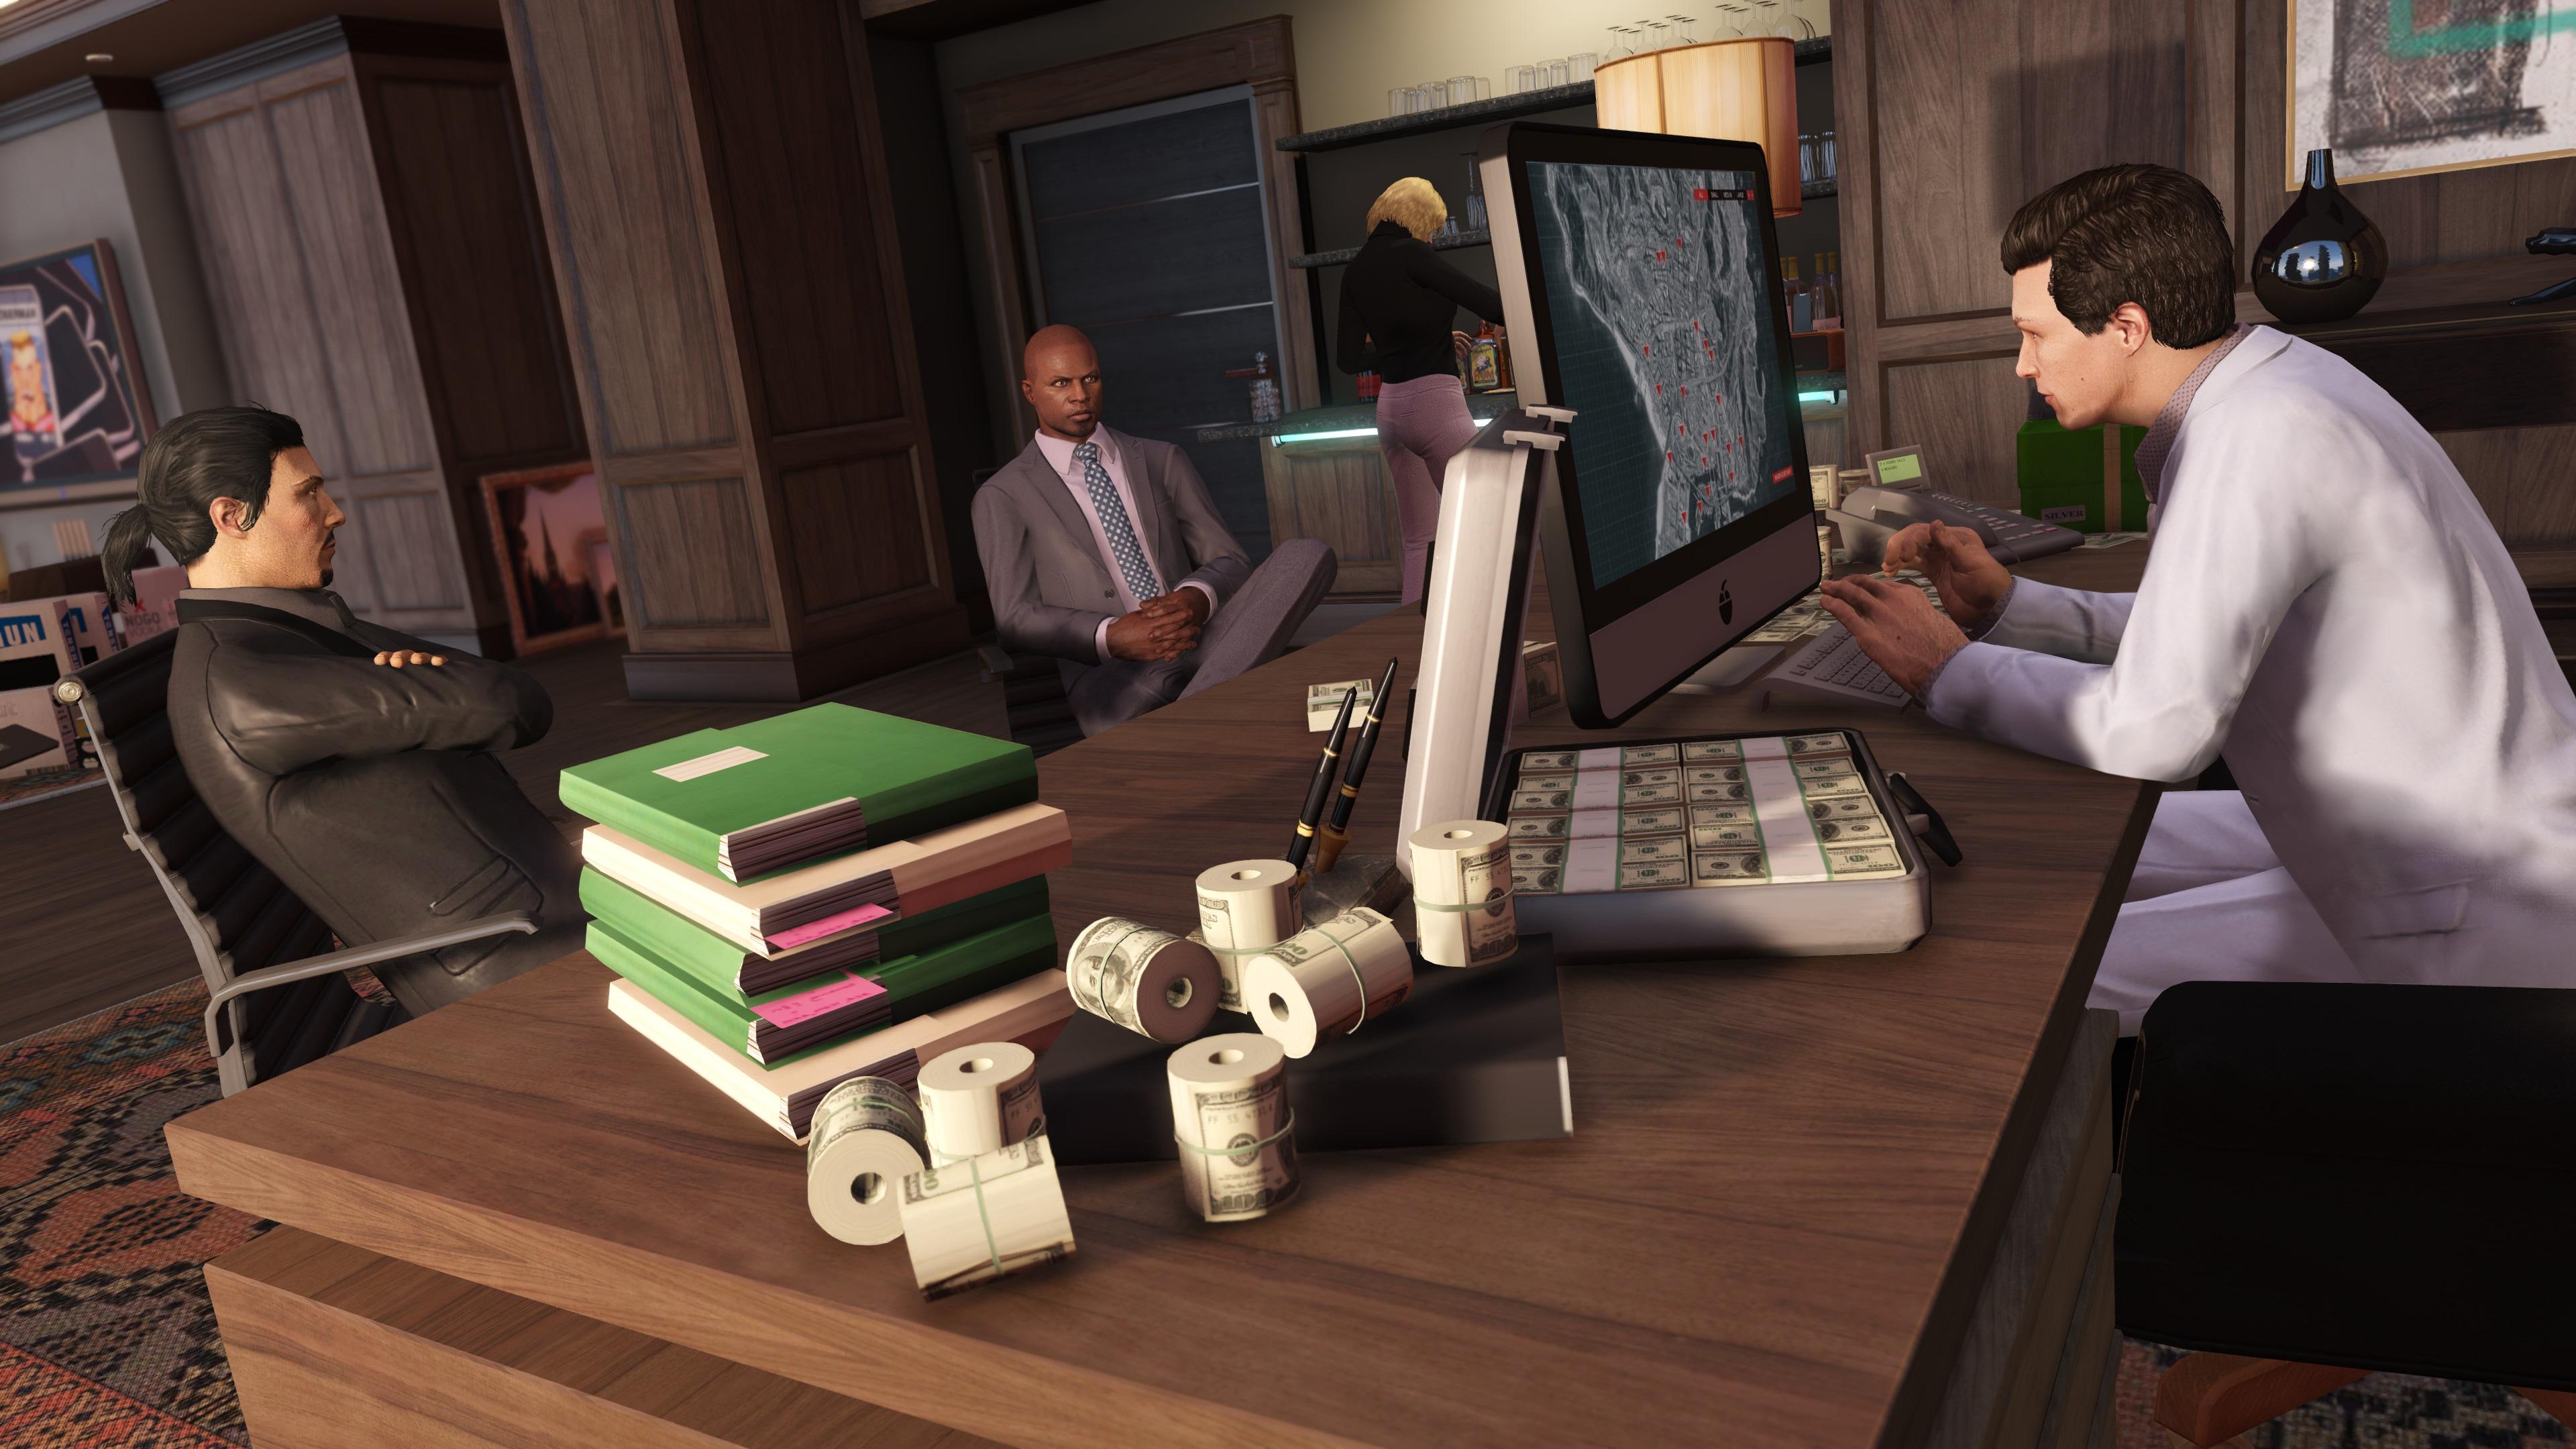 Grand Theft Auto V - Criminal Enterprise Starter Pack (PC) - Steam Gift - GLOBAL - 2